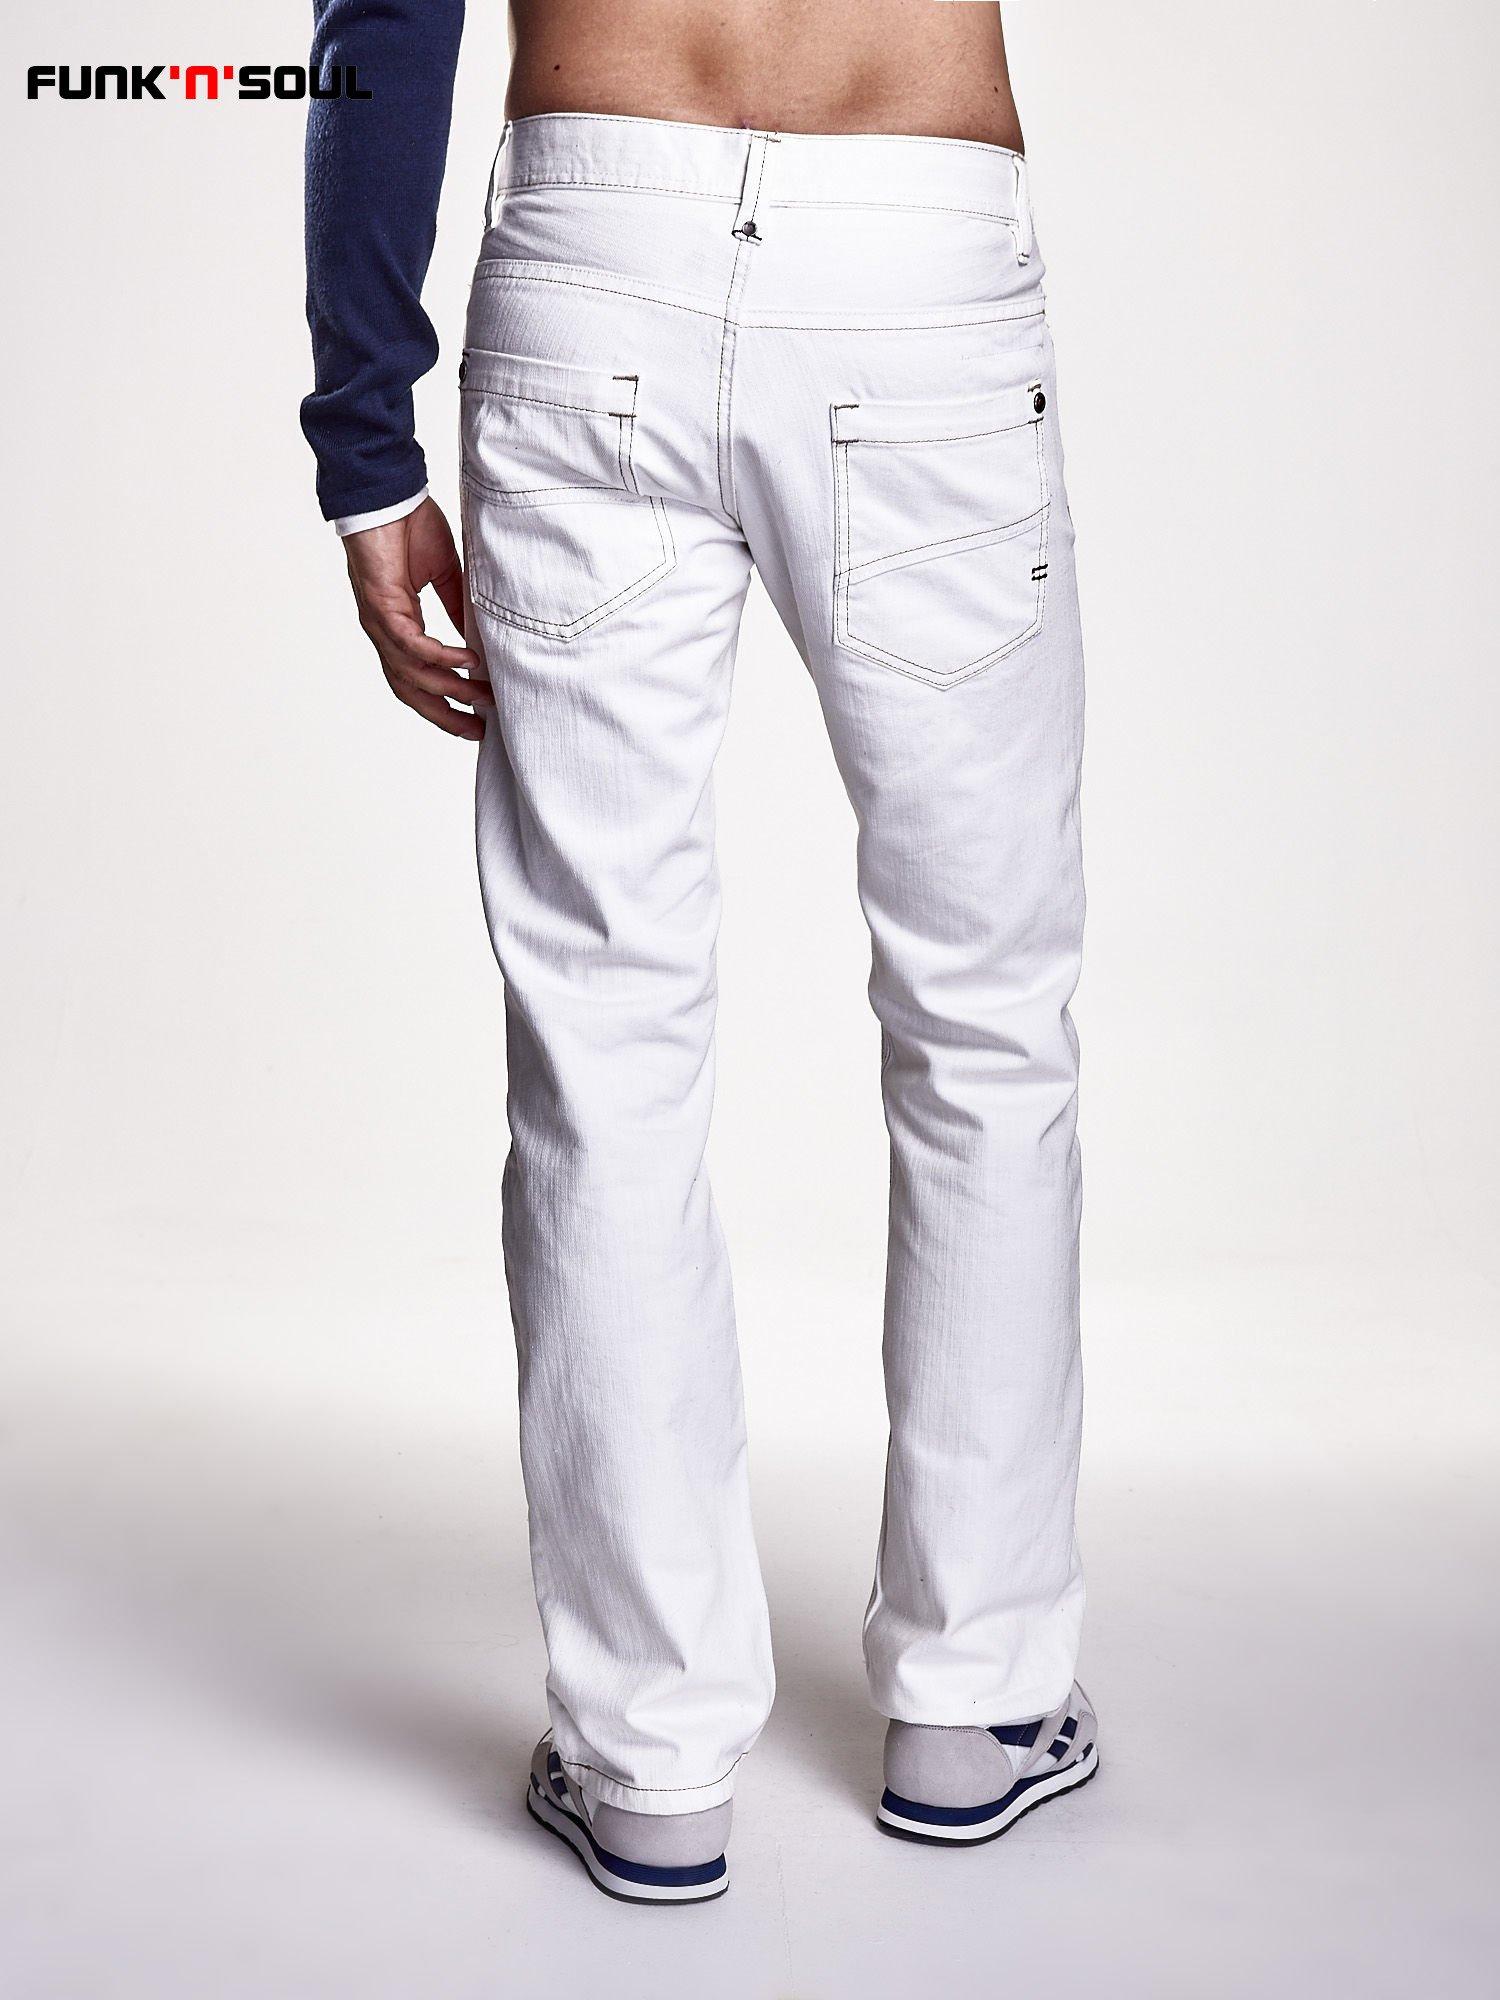 Białe spodnie męskie z napami na kieszeniach Funk n Soul                                  zdj.                                  2